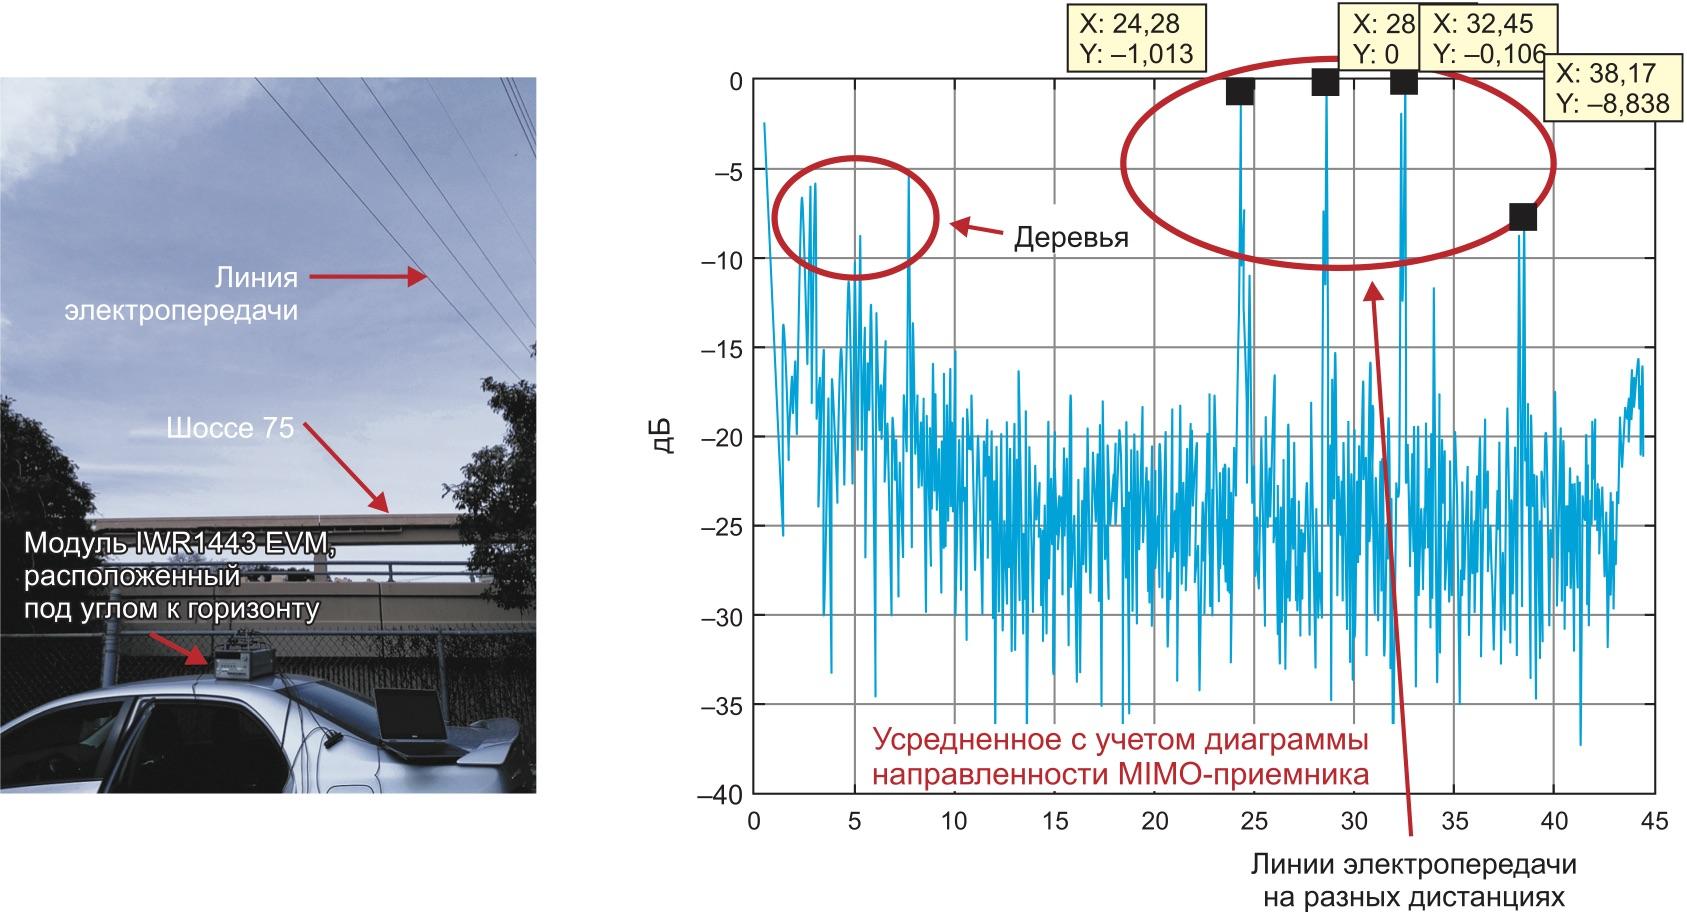 Обнаружение линий электропередачи в реальных условиях с помощью оценочного модуля IWR1443